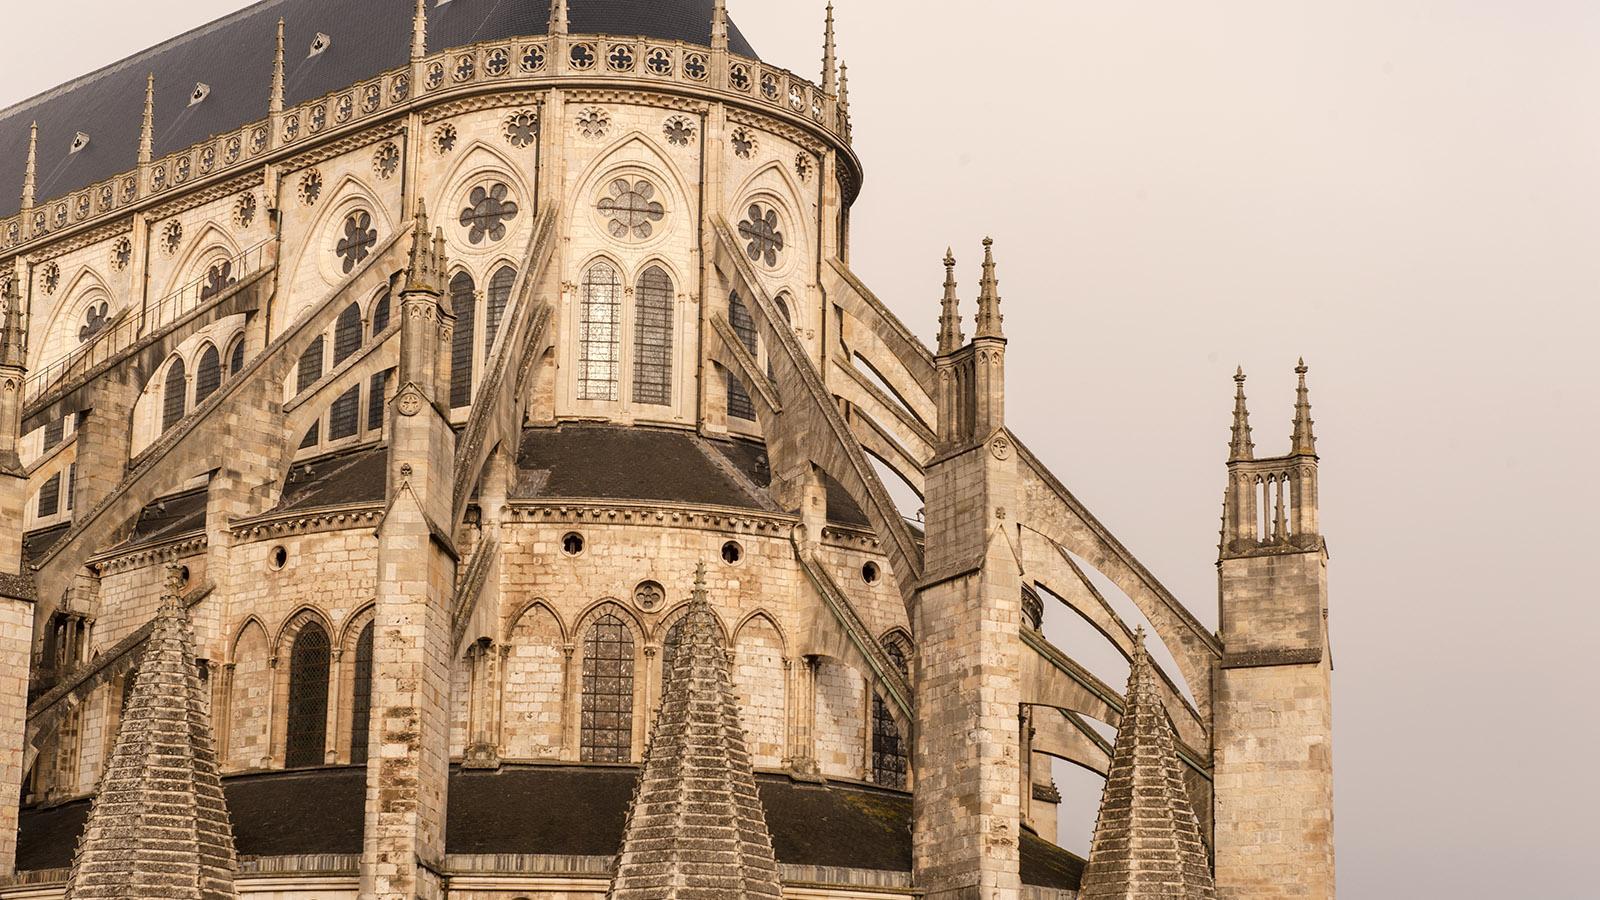 Der Chor der Kathedrale von Bourges. Foto: Hilke Maunder